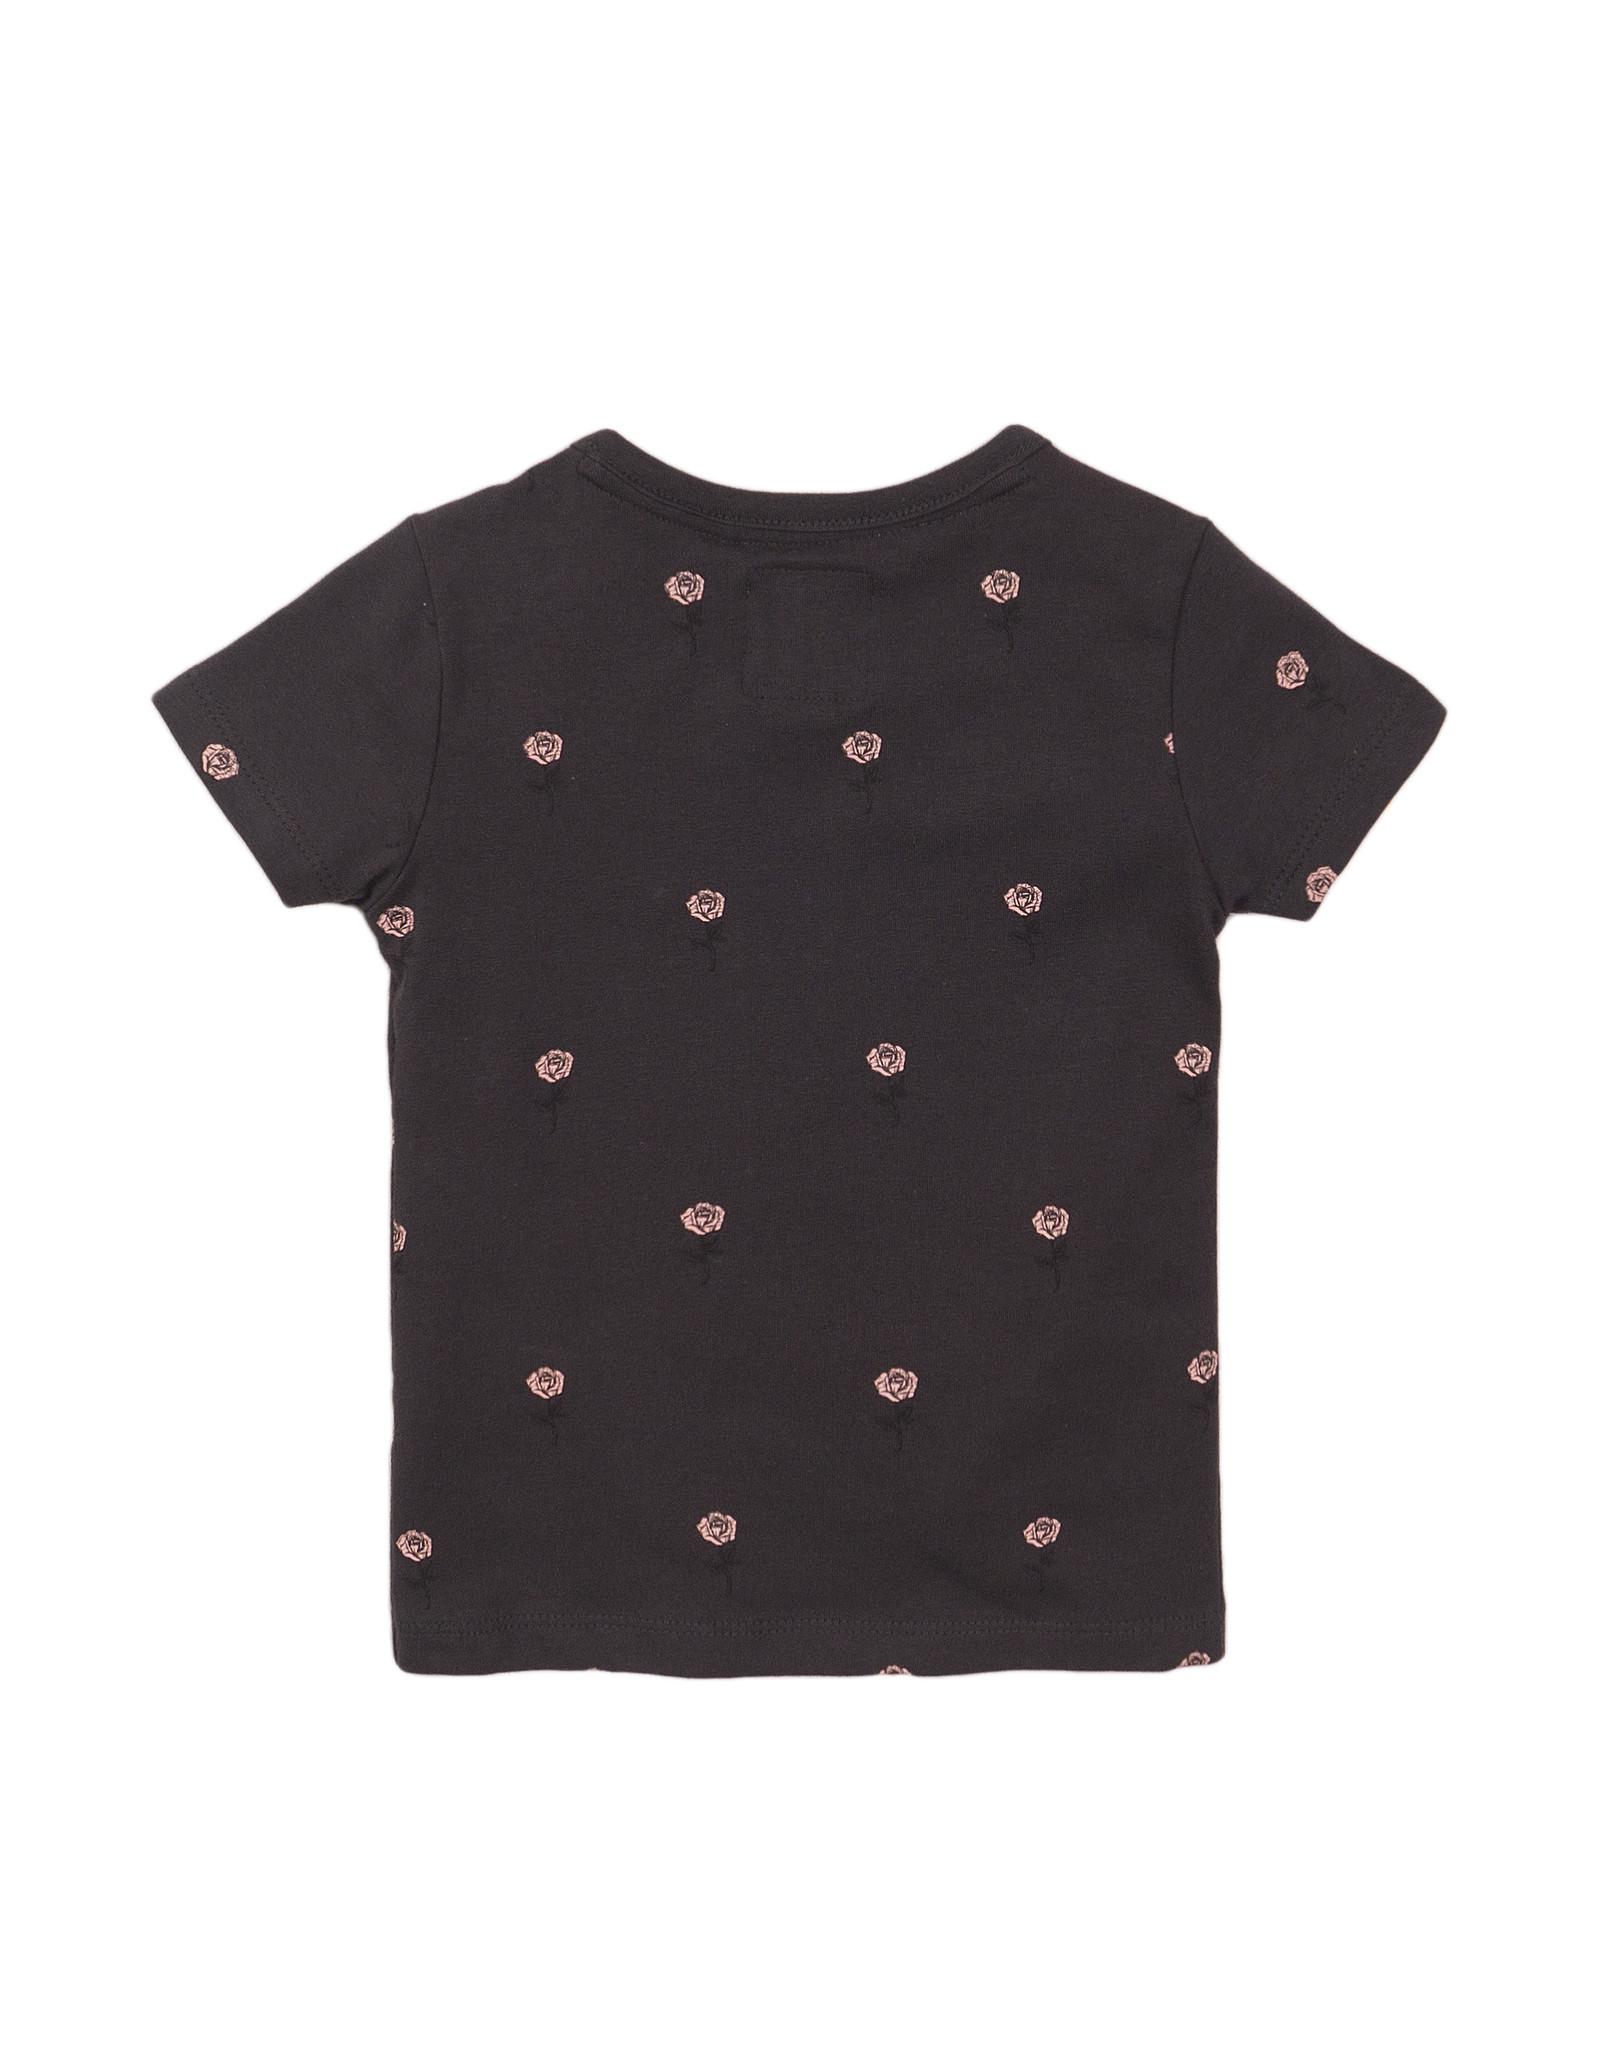 Koko Noko T-shirt ss, Dark grey + aop, SS21